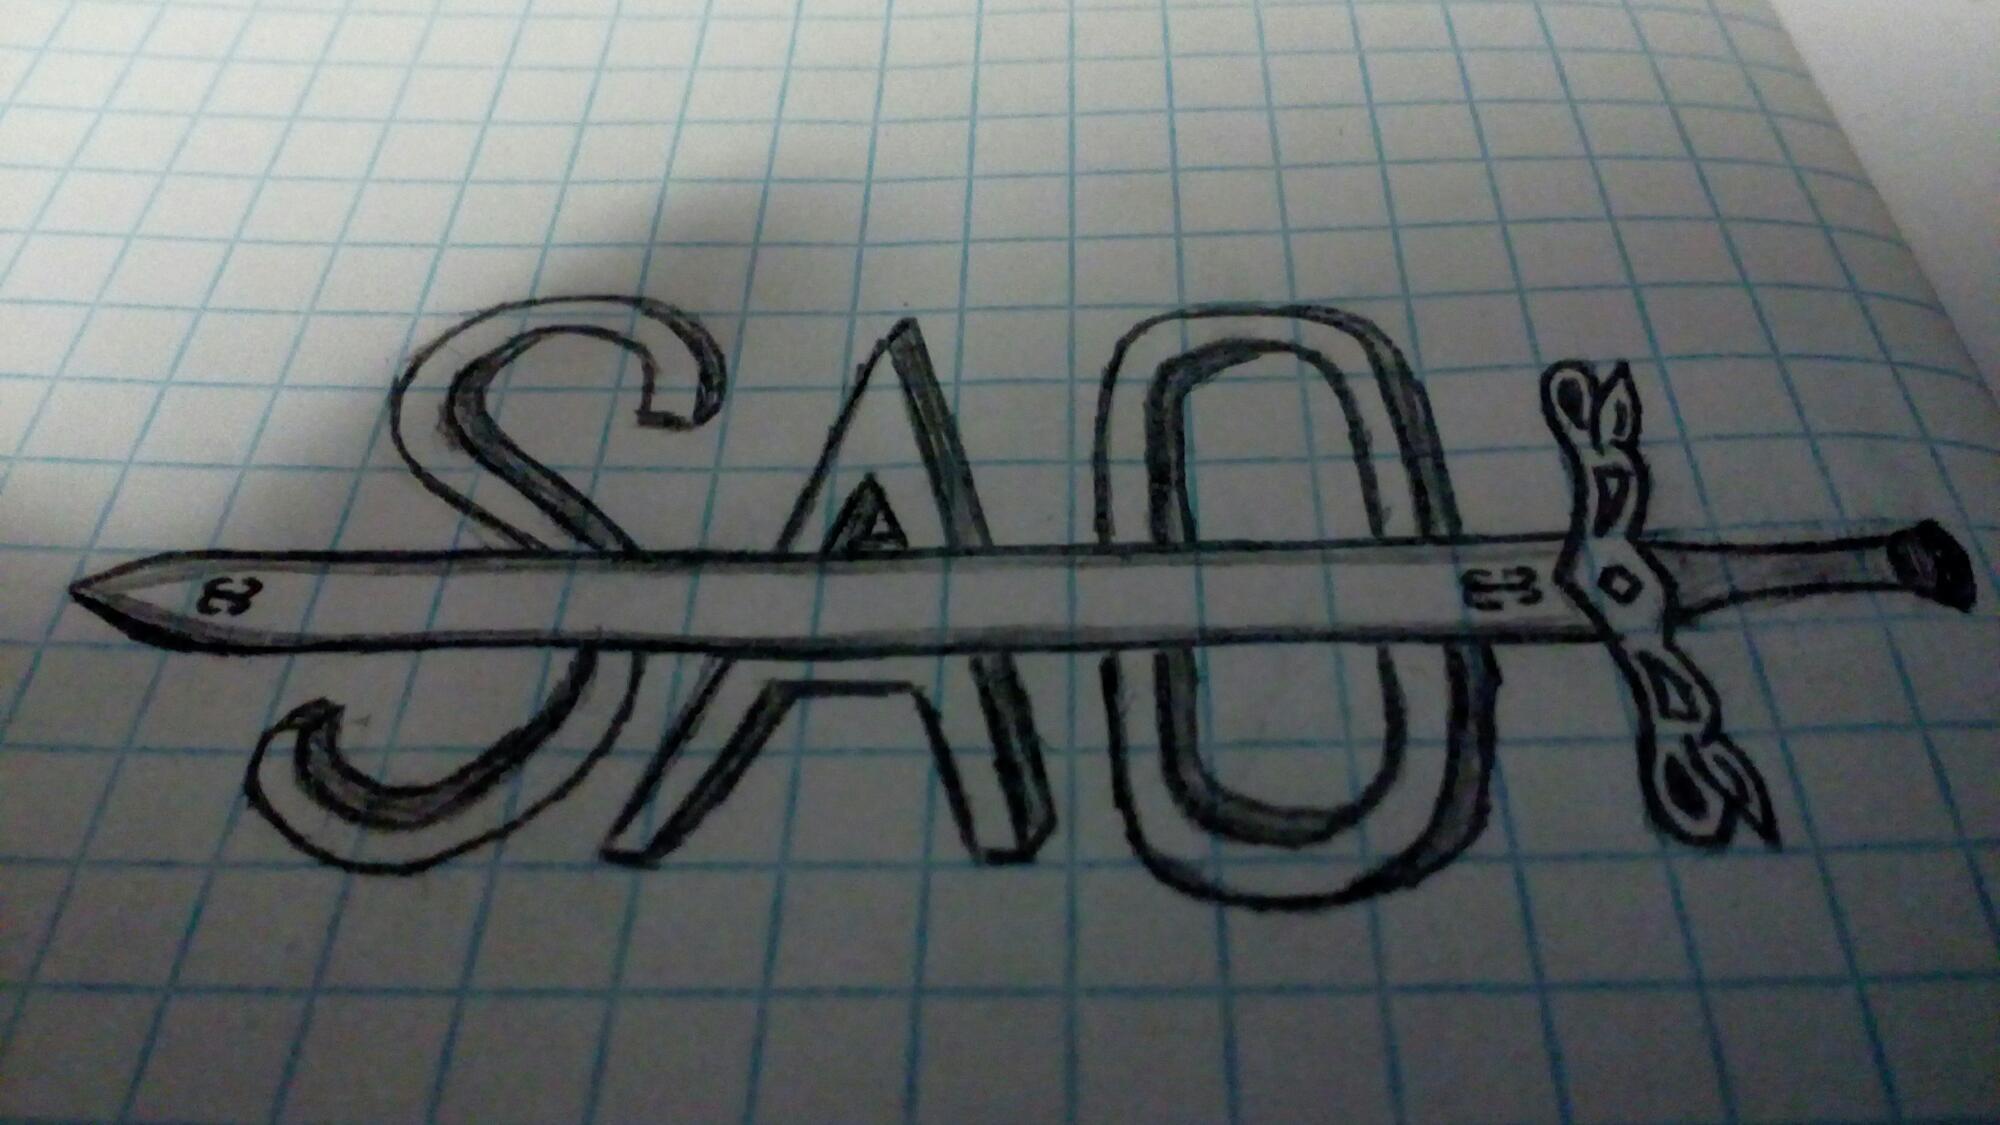 Myślałem co narysować i wyszło mi to:.                                                         Co o tym sądzicie fani SAO?